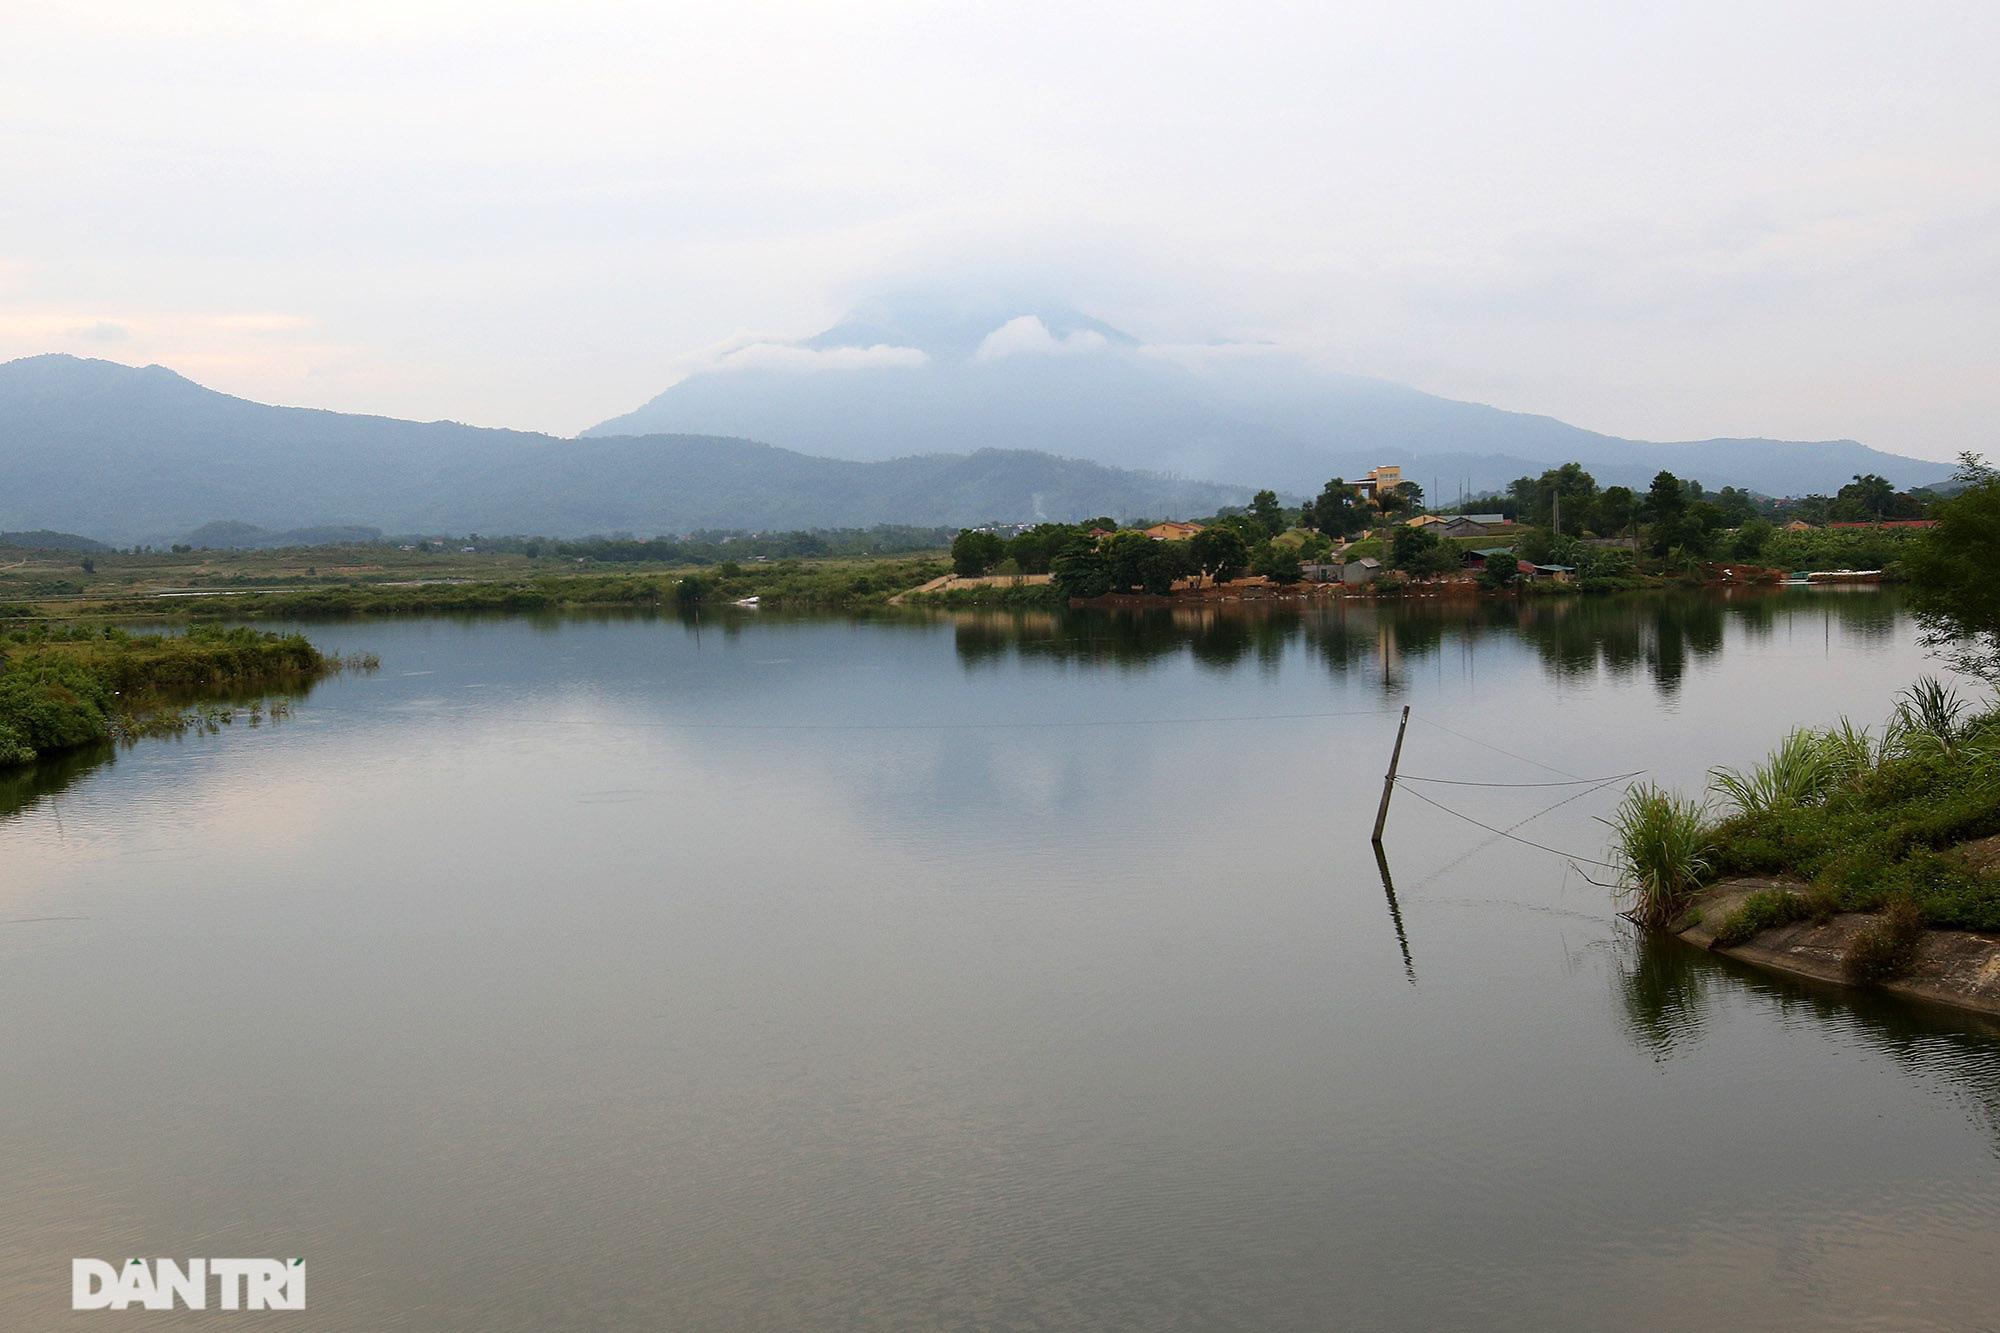 Núi thiêng gần Hà Nội đẹp mê mải nhìn từ muôn phương tám hướng - Ảnh 5.